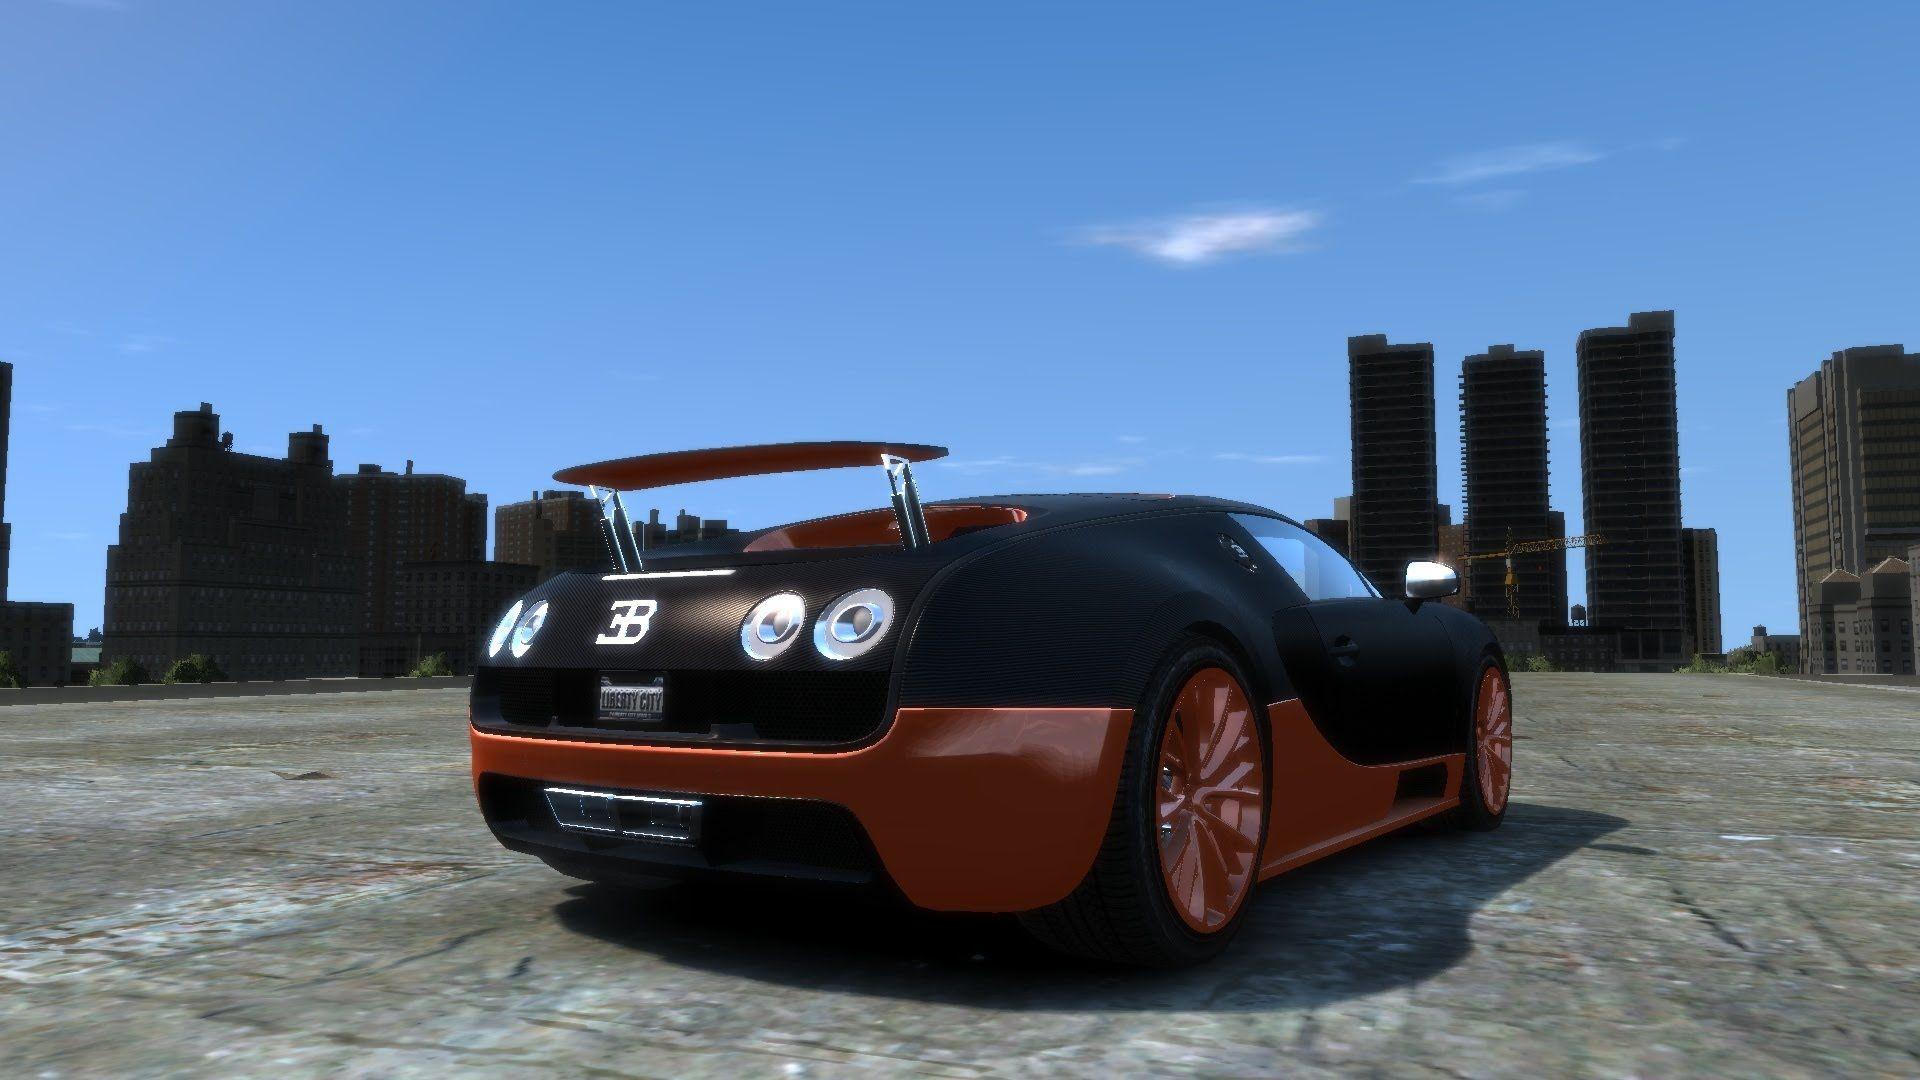 2bd36317fb62738989261307f307f219 Wonderful Bugatti Veyron Xbox 360 Games Cars Trend